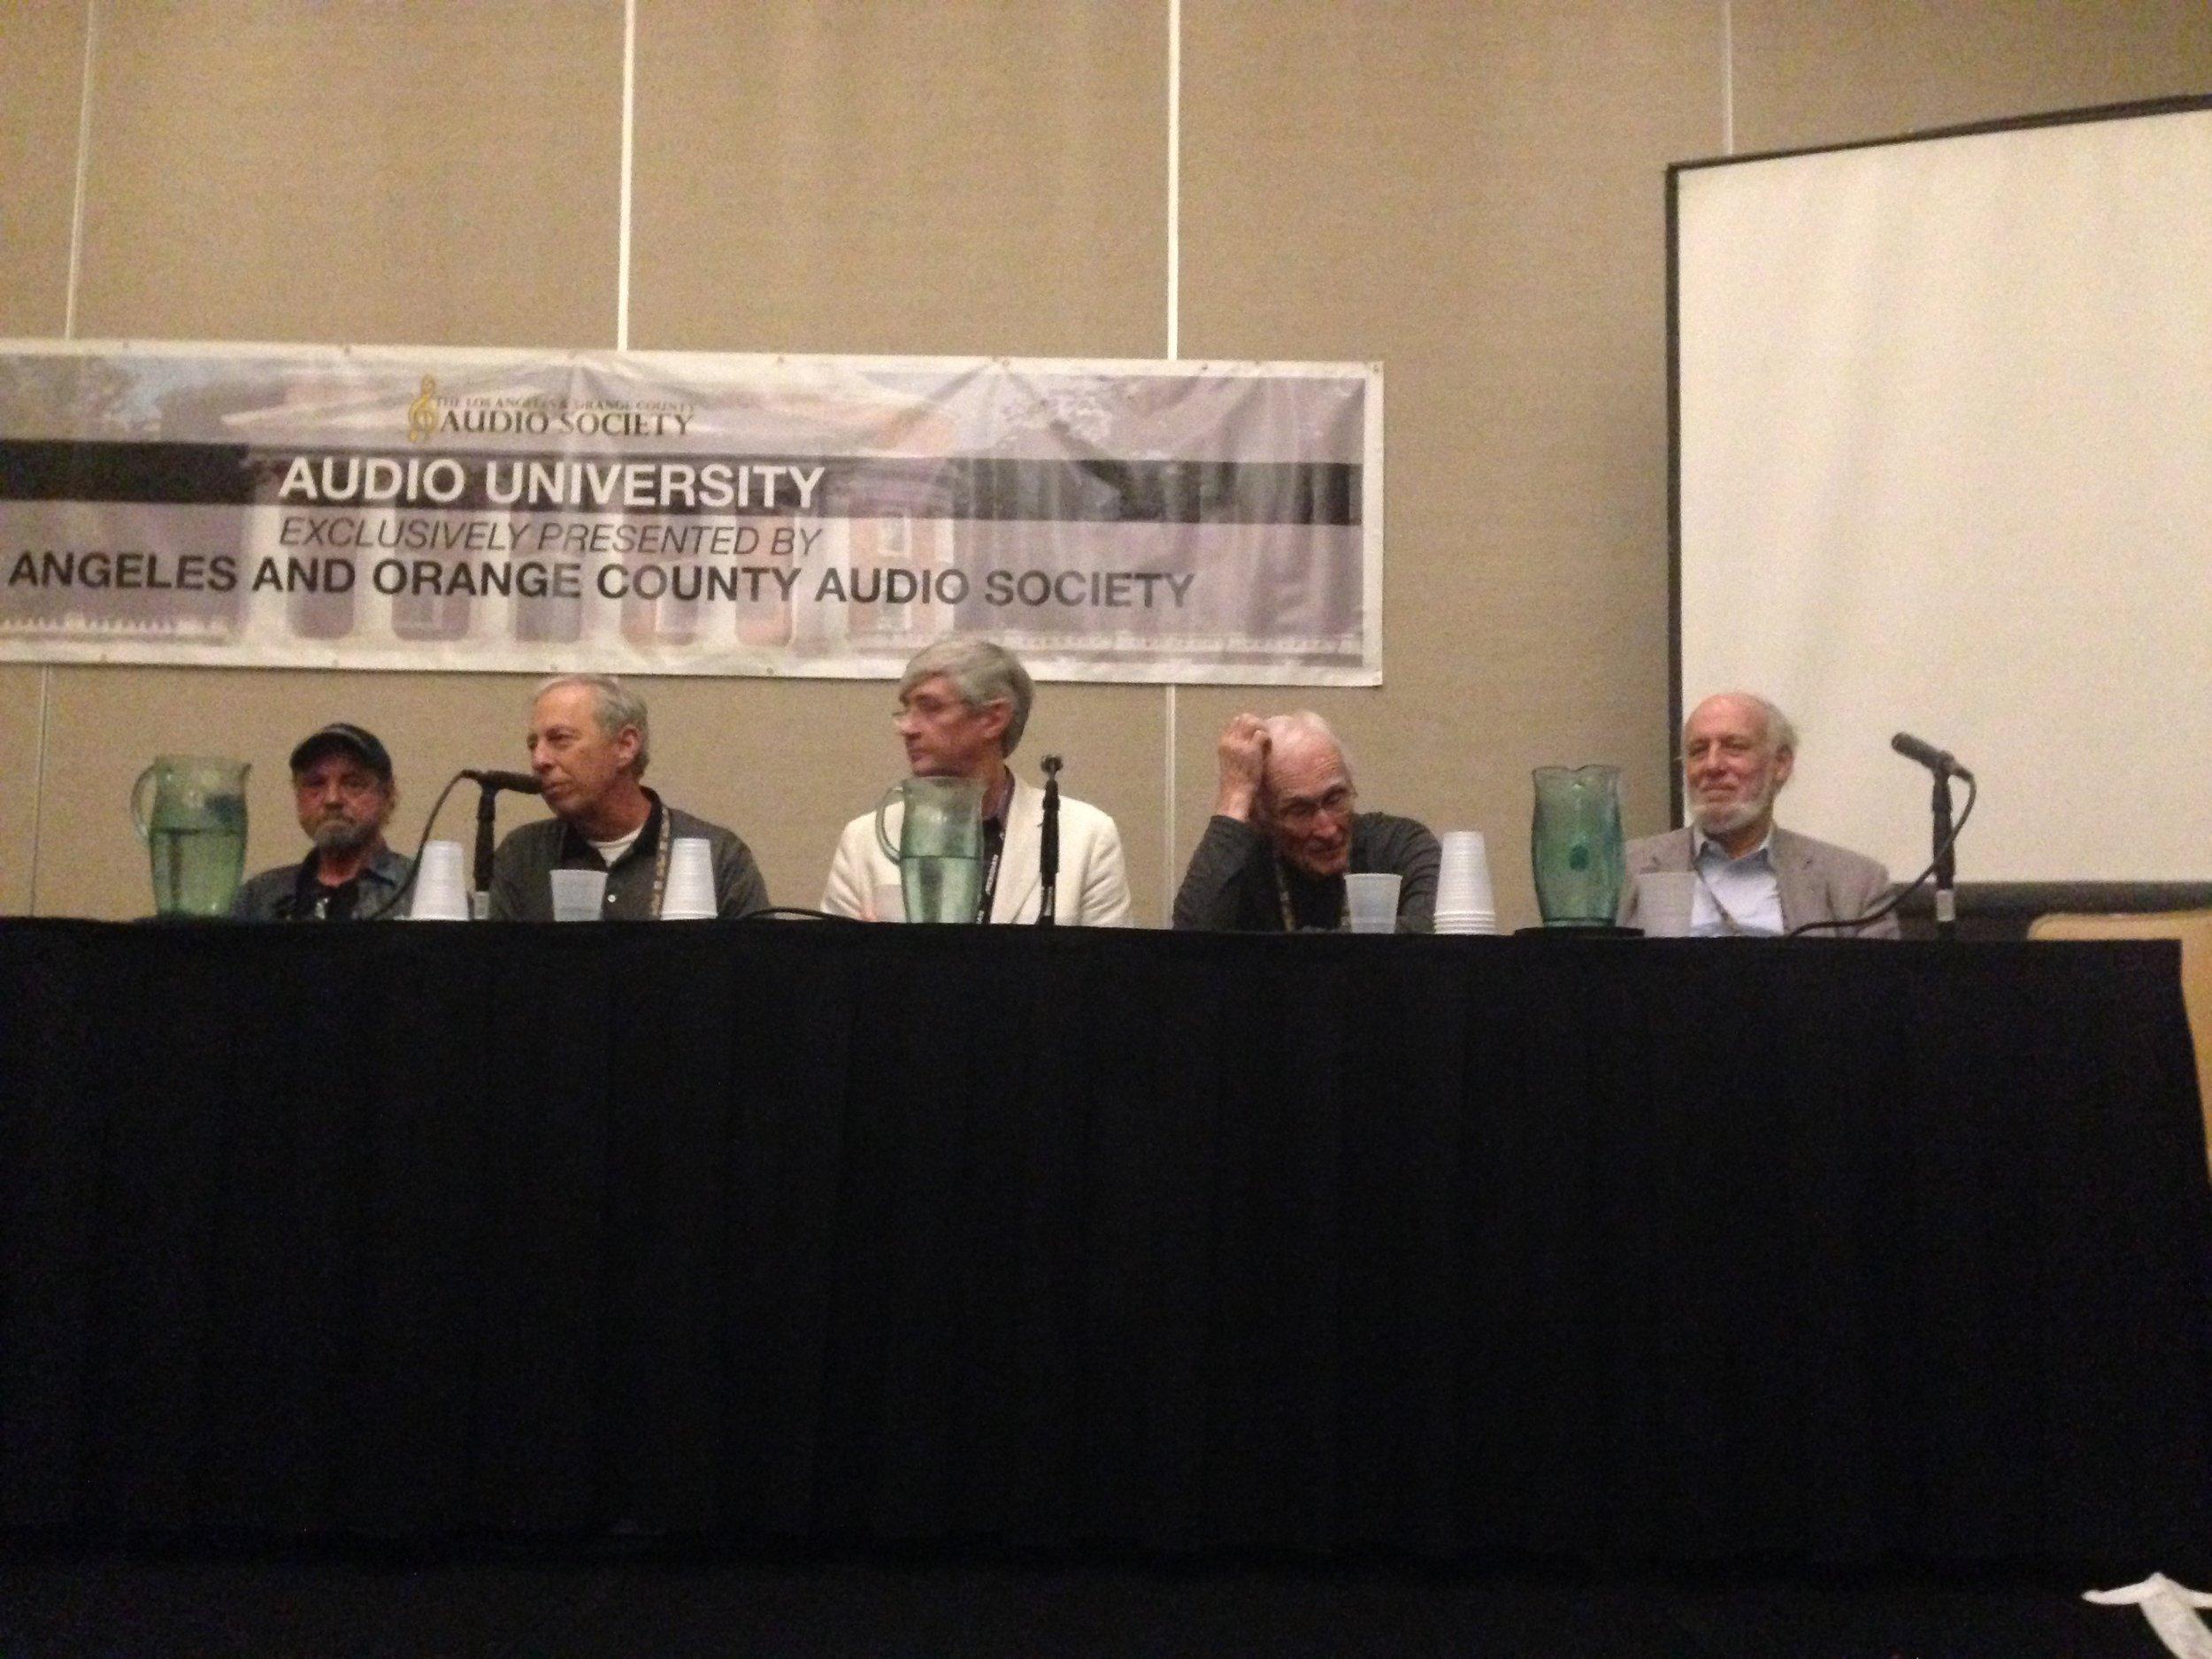 Arnie, me, Bob Stuart, Bascom King, Tim Paravacini